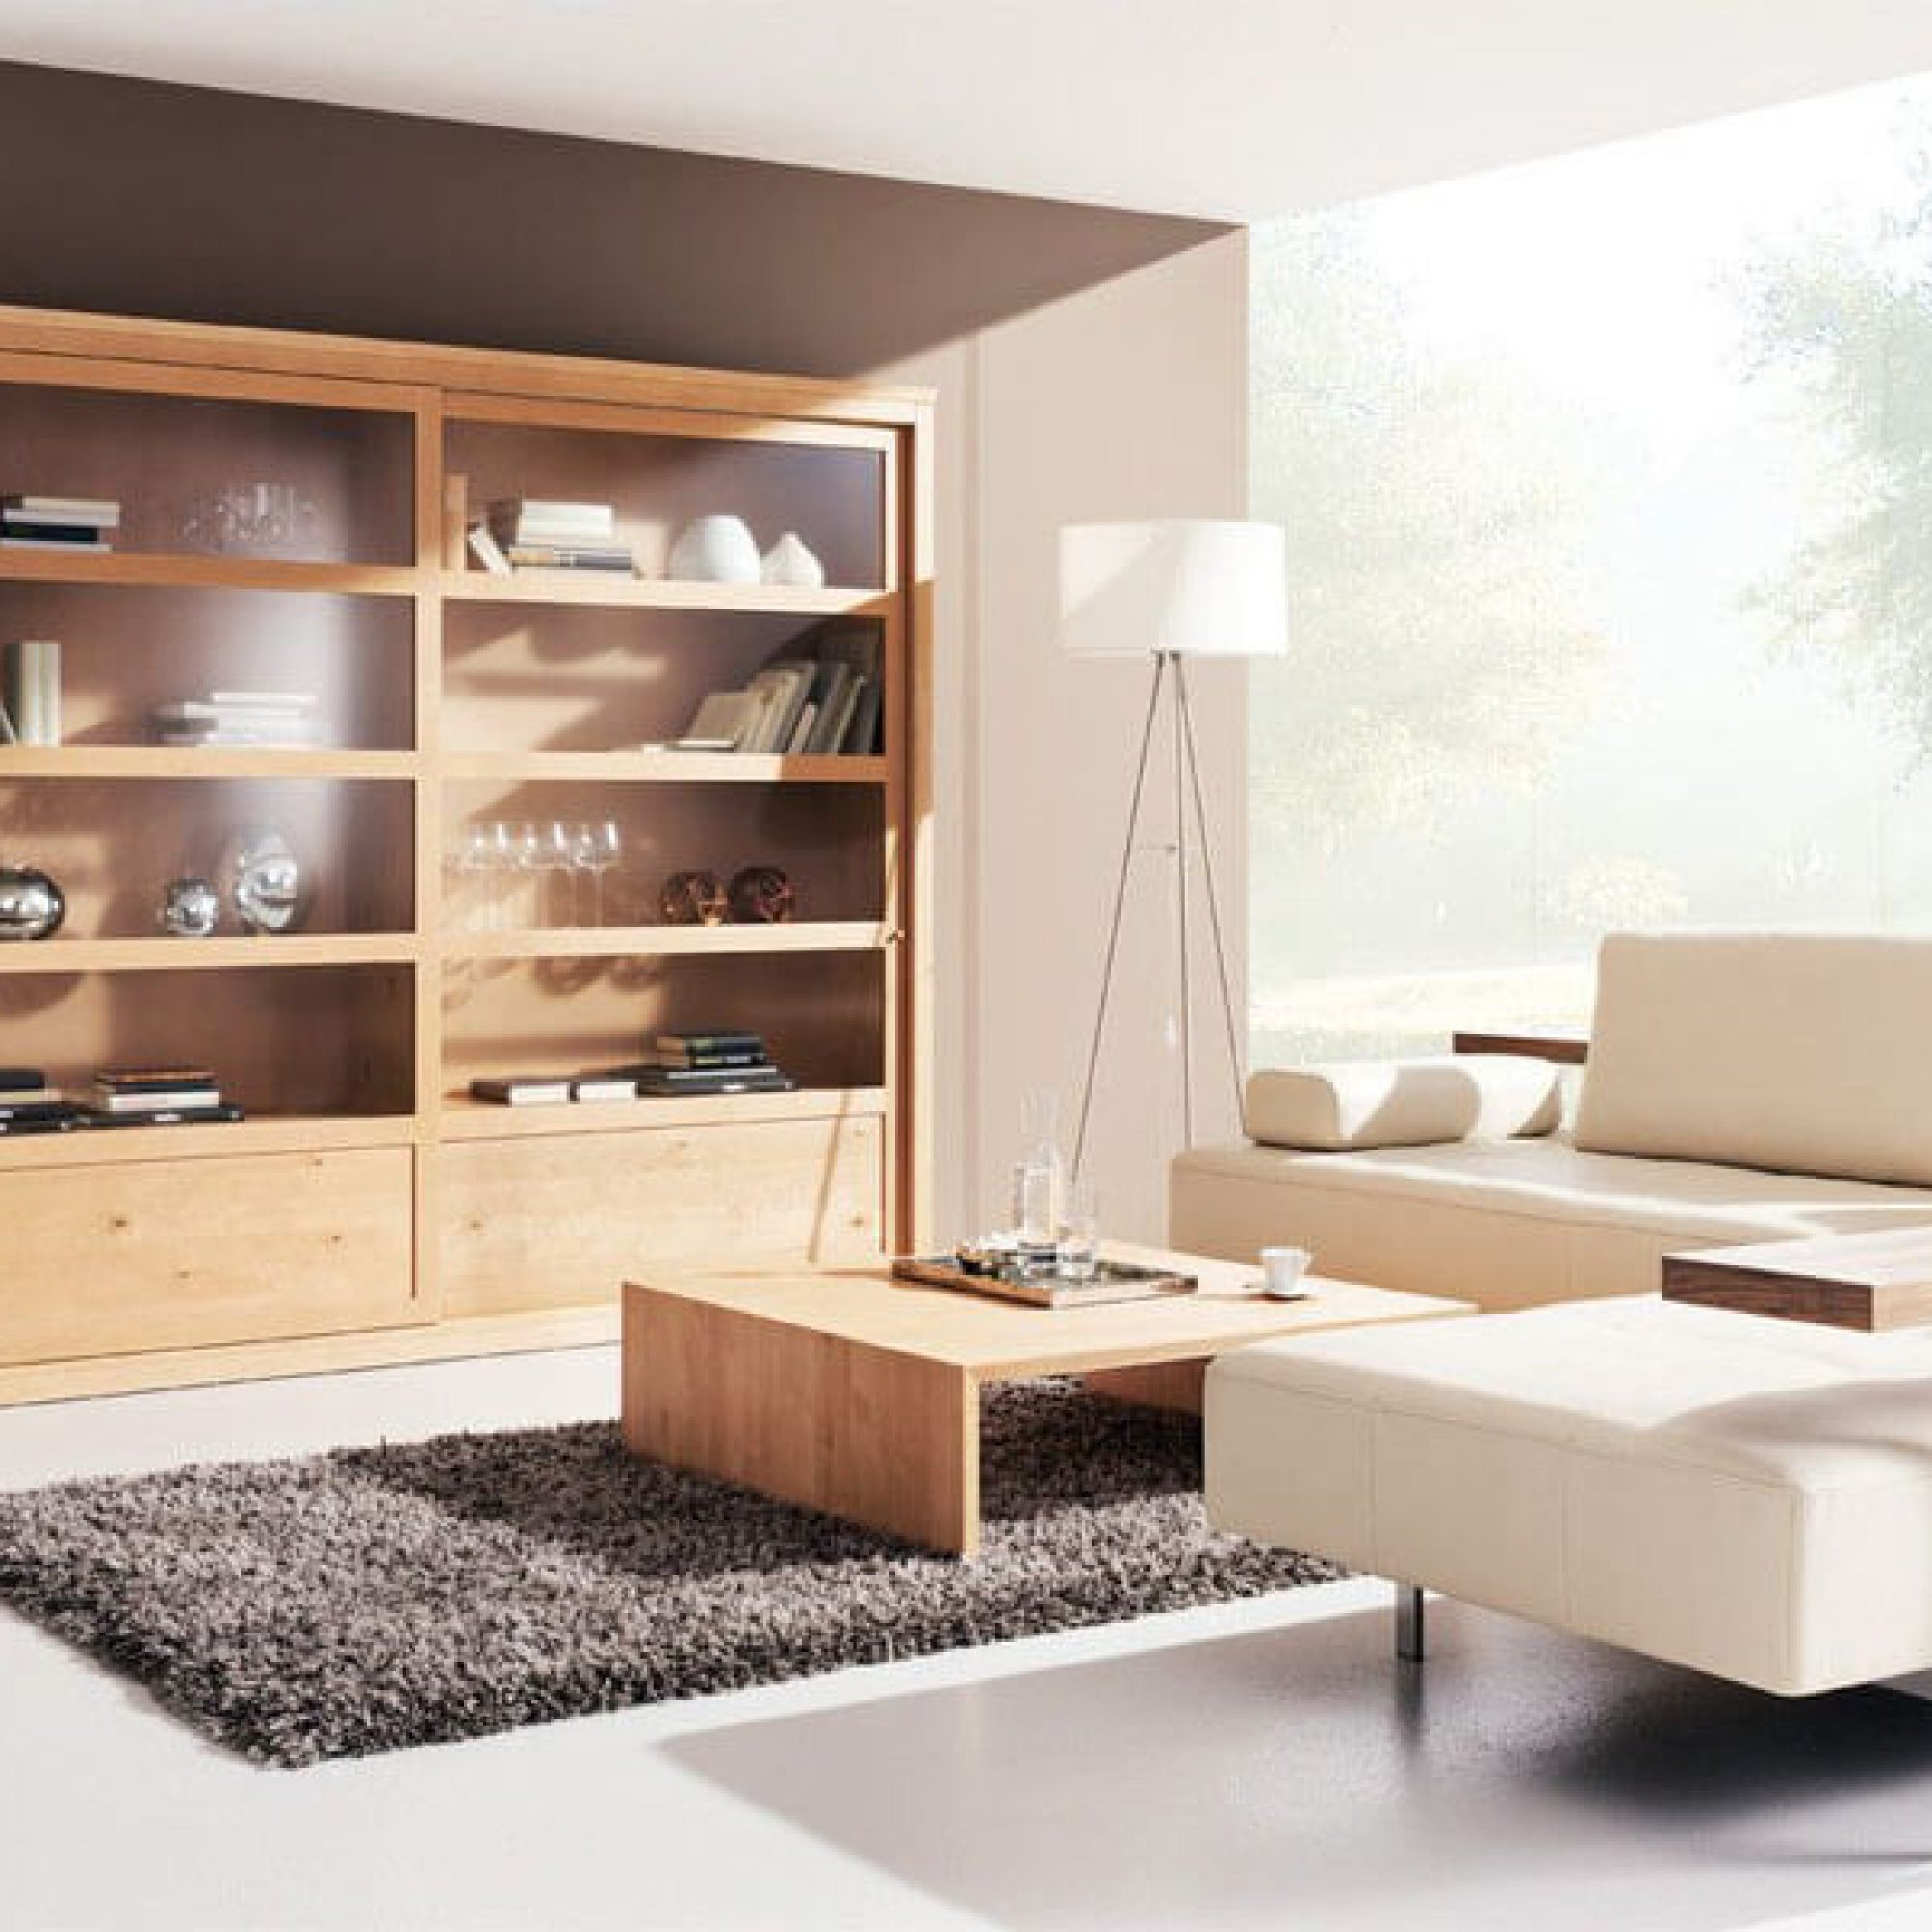 freudenreich-wohnstudio-brader-moebel14132100249